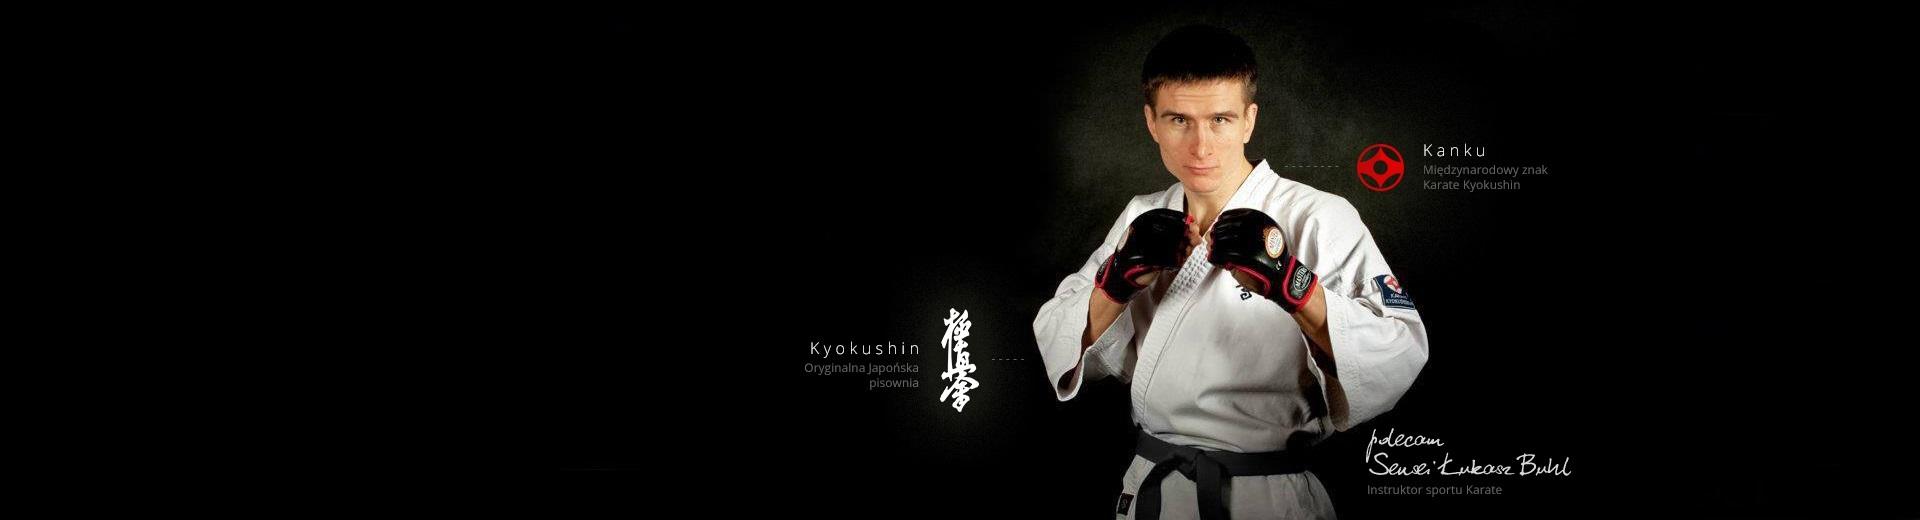 Klub Karate Kyokushin Nintai